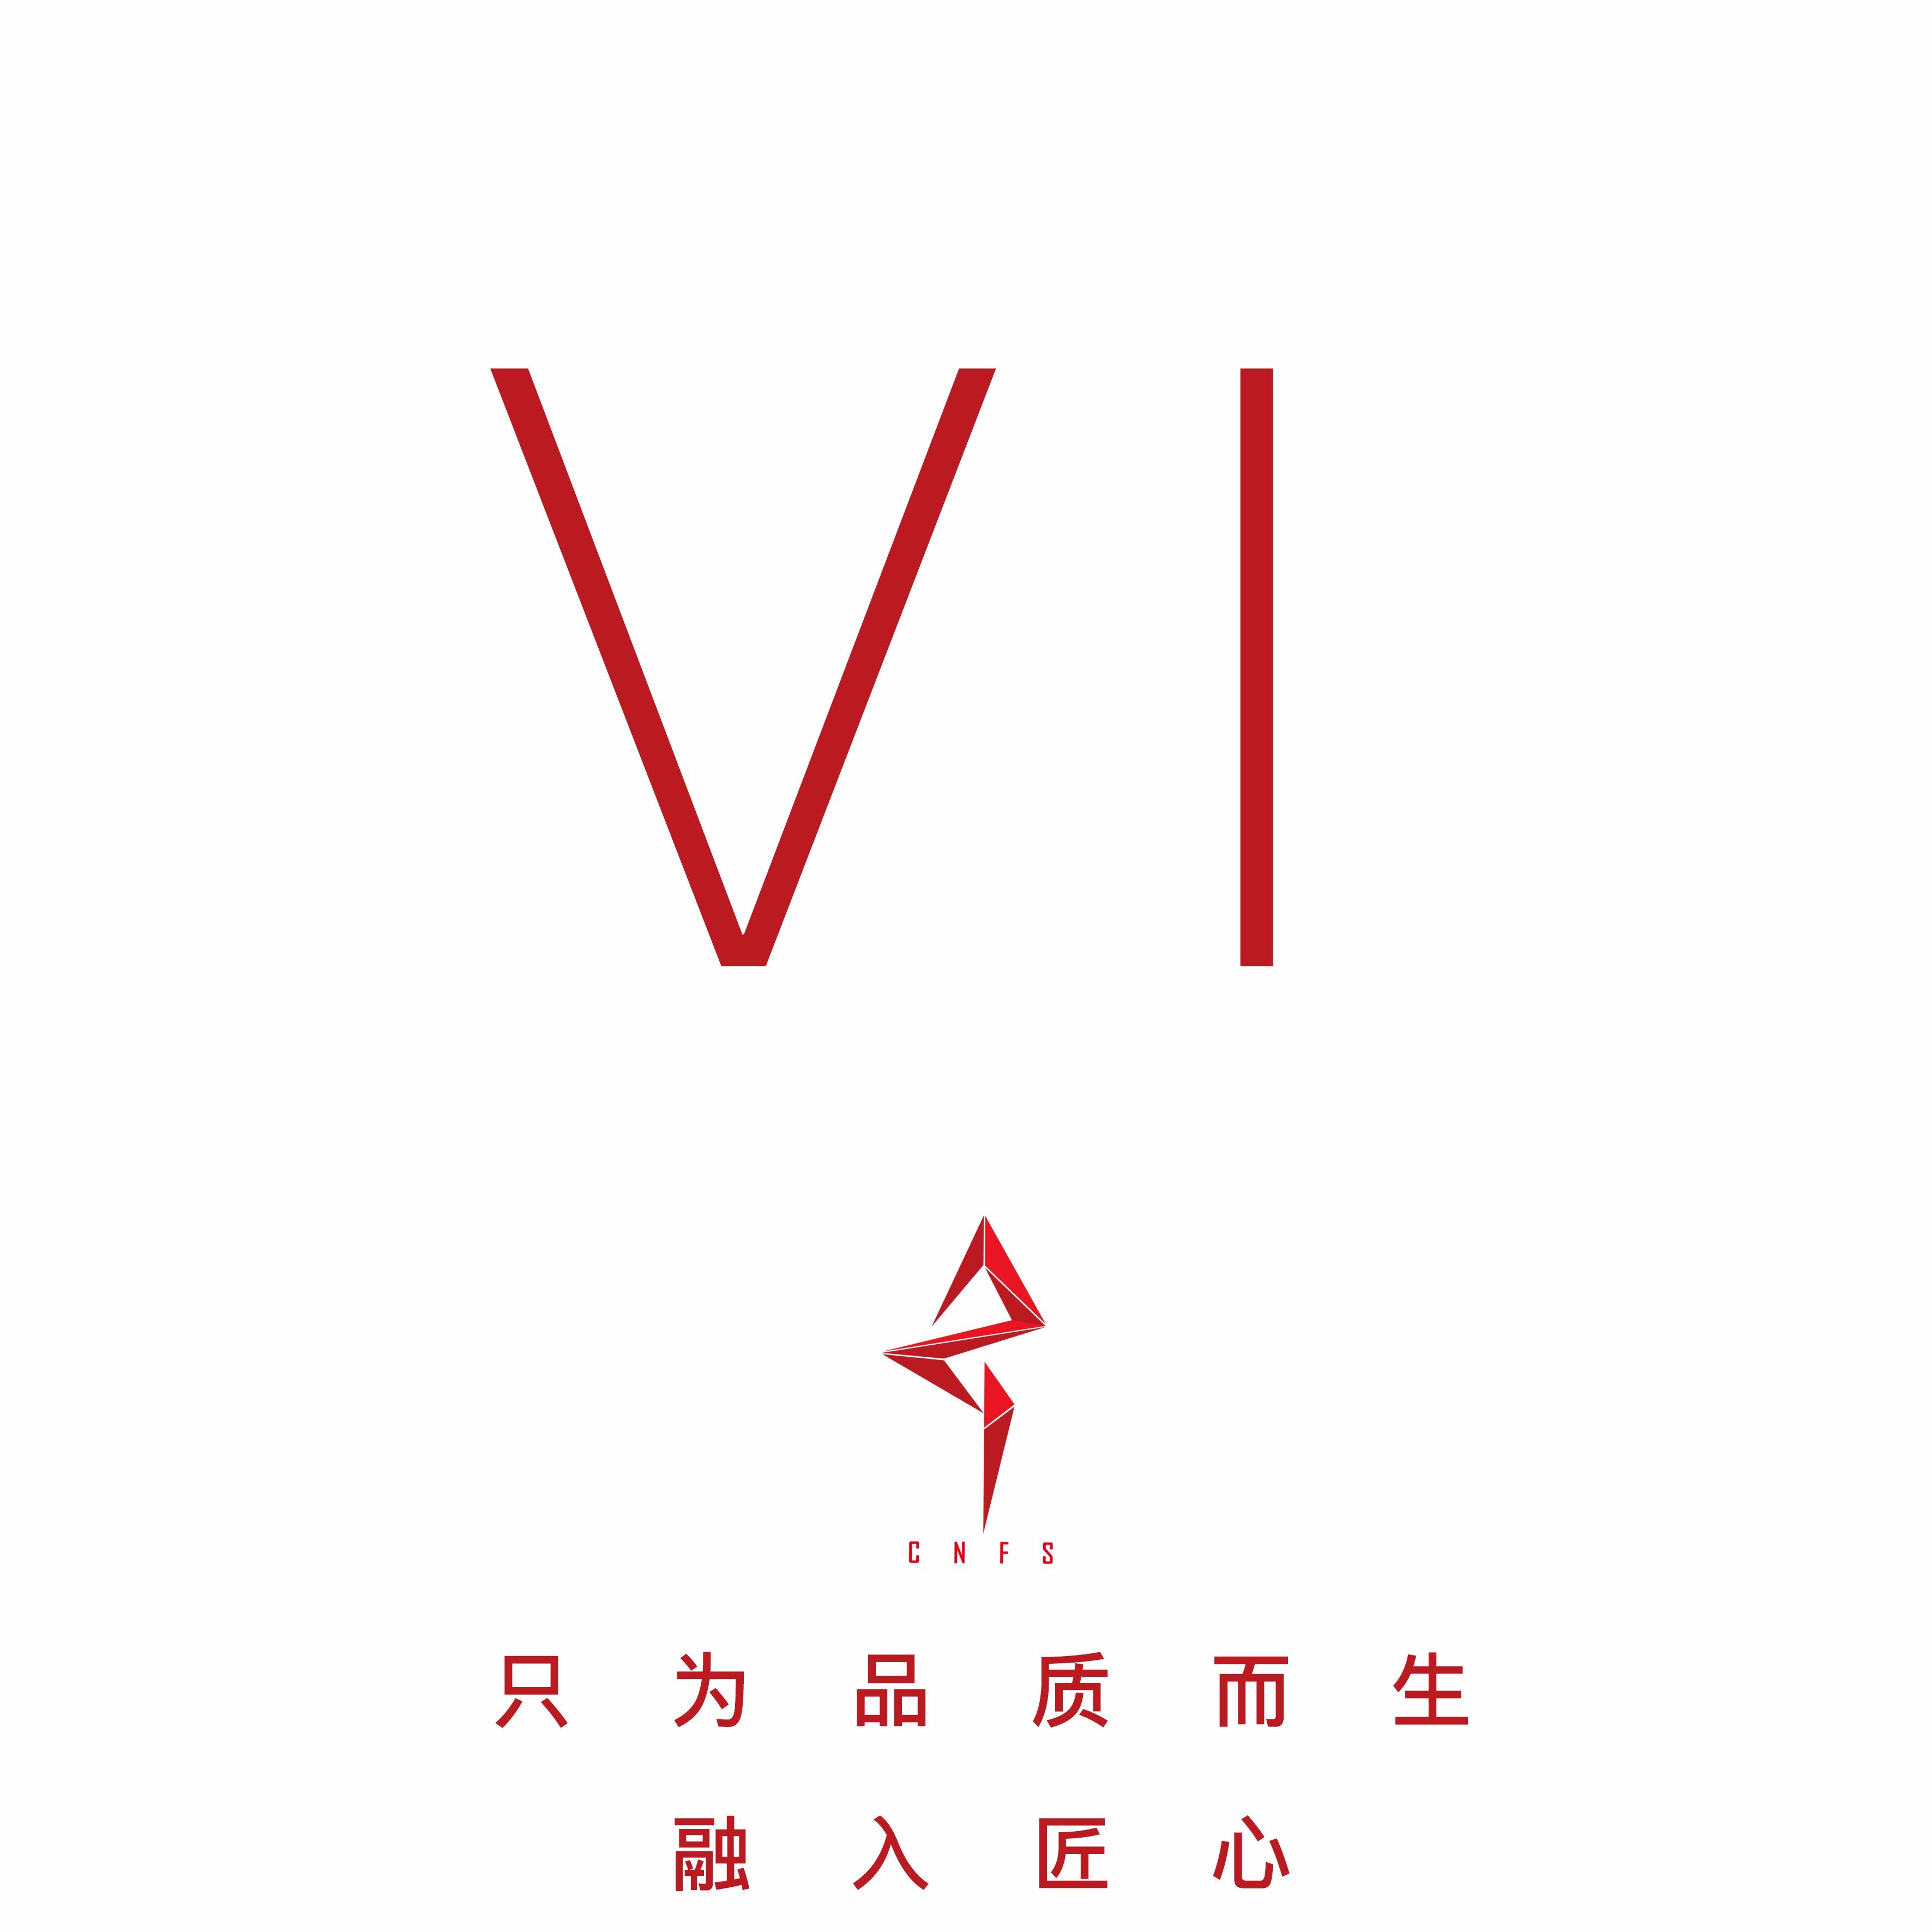 餐饮品牌、服装服饰、酒店、企业品牌VI系统设计全套